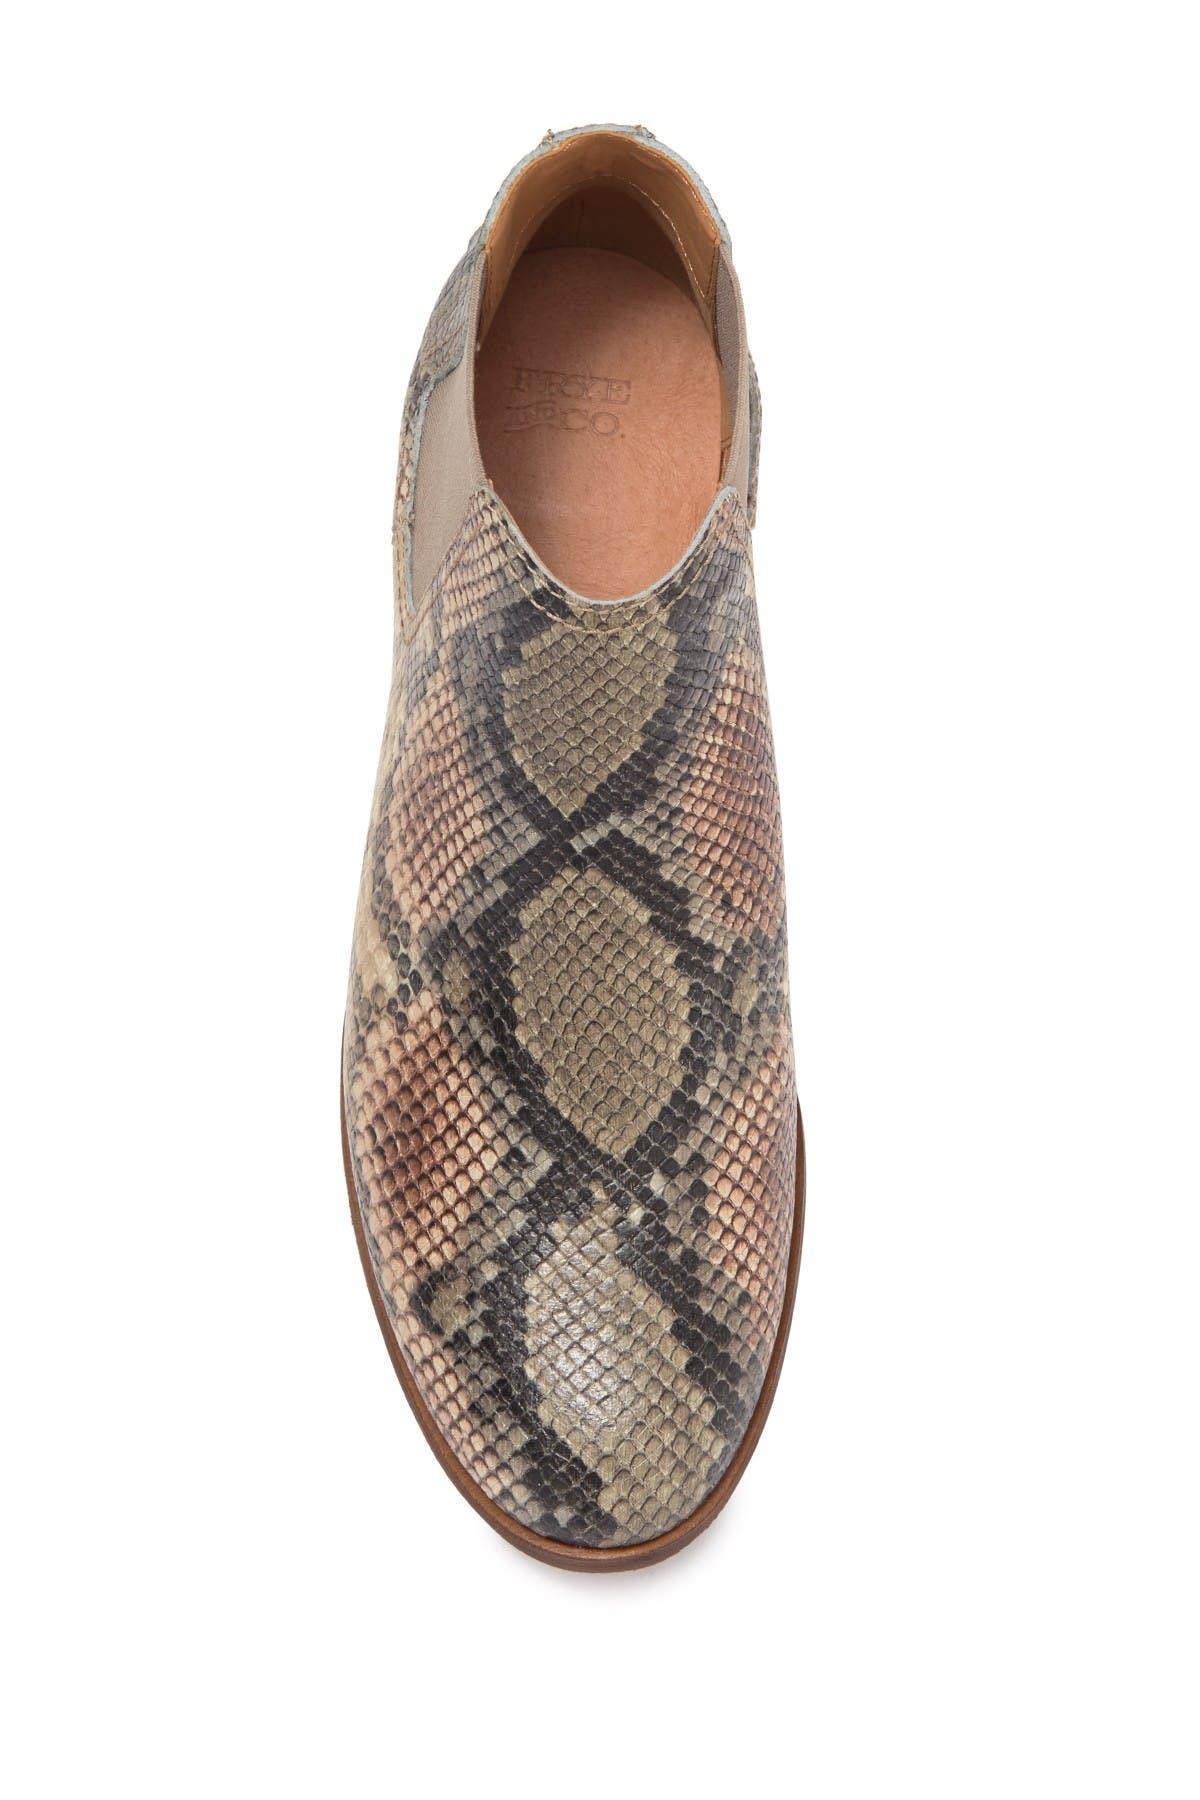 Frye & Co Mila Snake Embossed Chelsea Boot